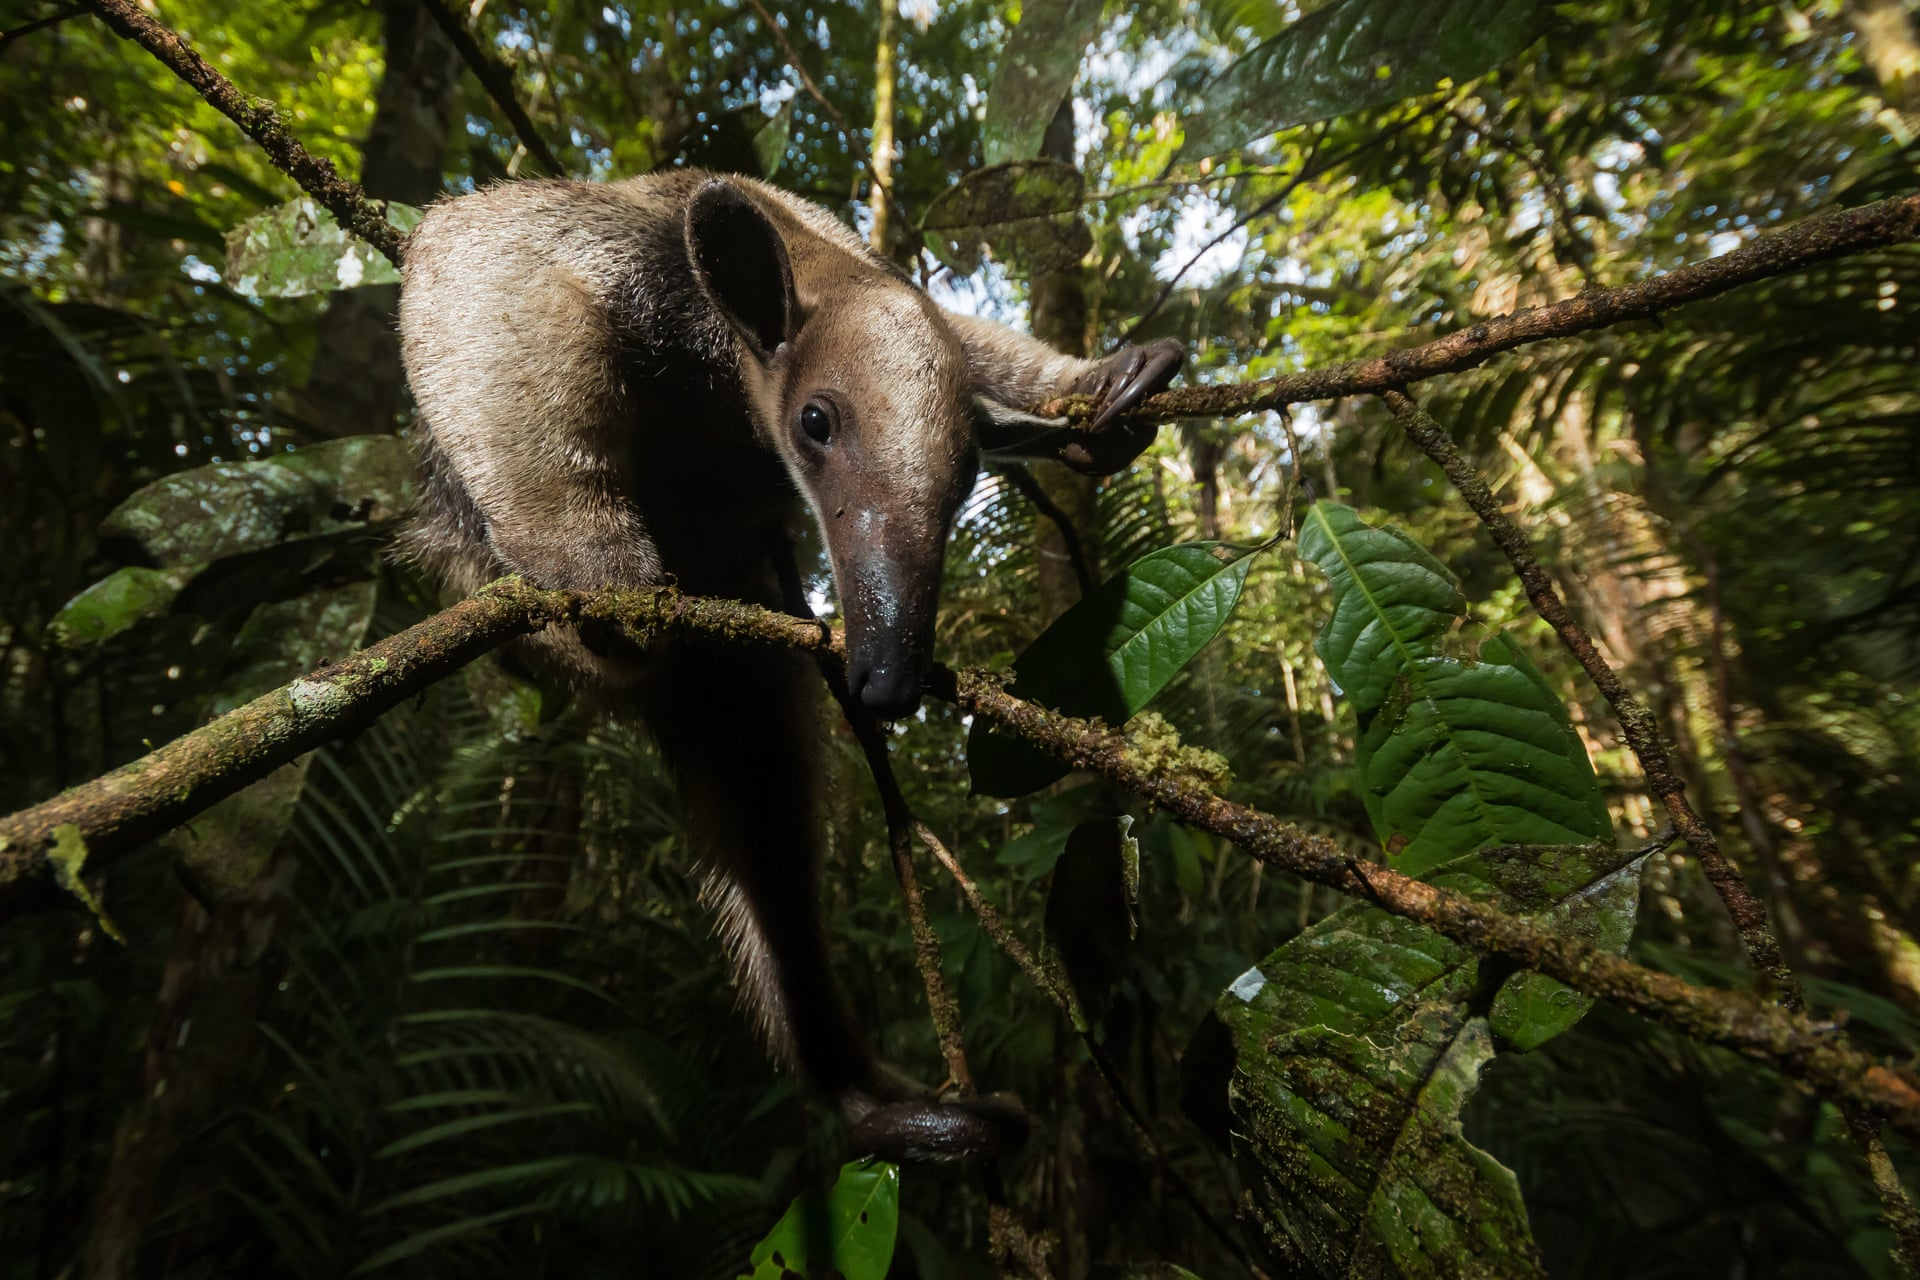 Внимание фотографа, который искал укрытия летучих мышей, привлек шум — муравьед пробирался сквозь запутанные ветви илианы. Животное спокойно наблюдала, как его фотографируют. Снимок сделан вМанаусе, Бразилия.